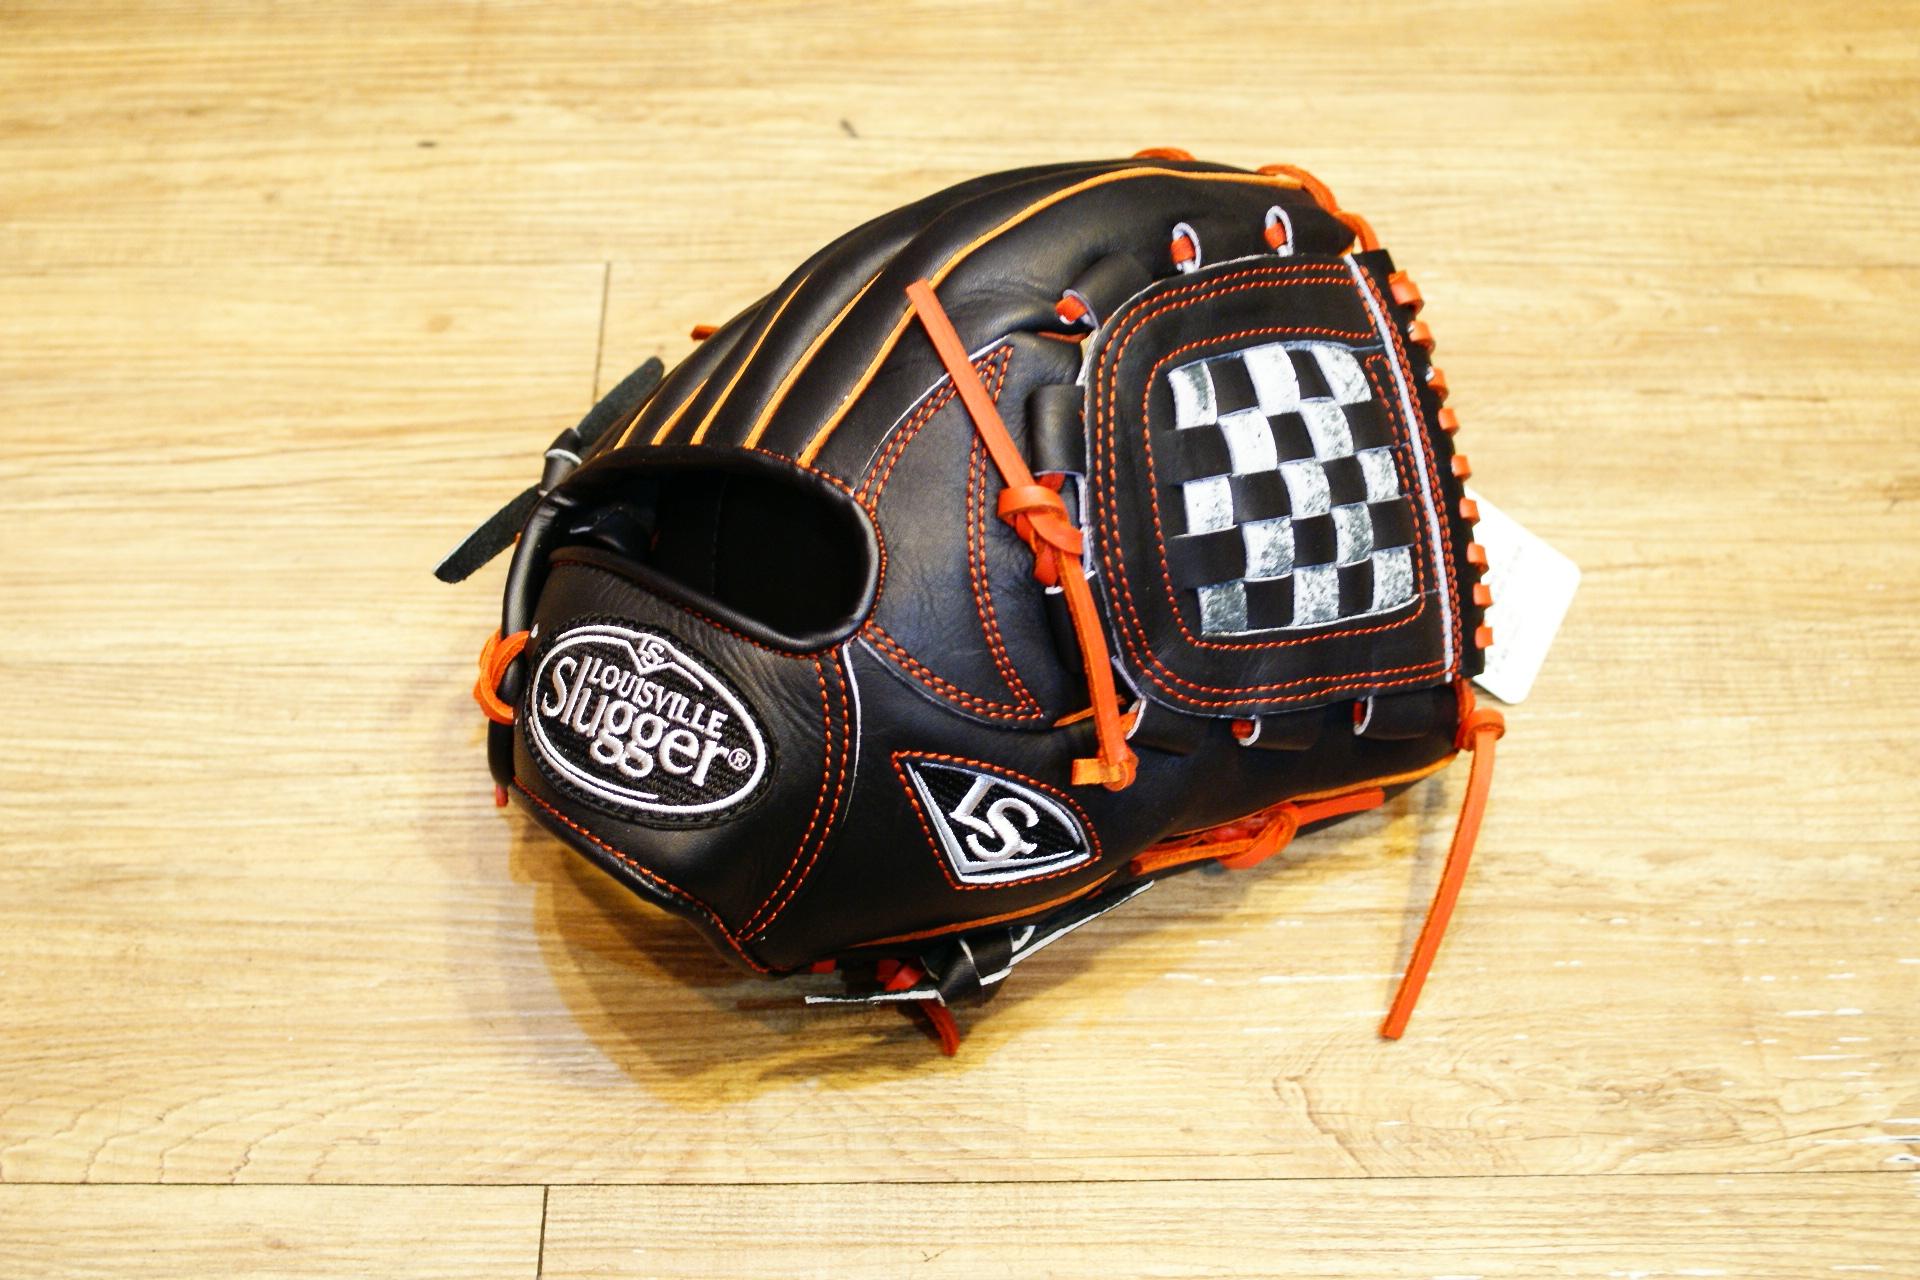 棒球世界 全新Louisvill Slugger 路易斯威爾TPX黑橘配色投手手套 特價